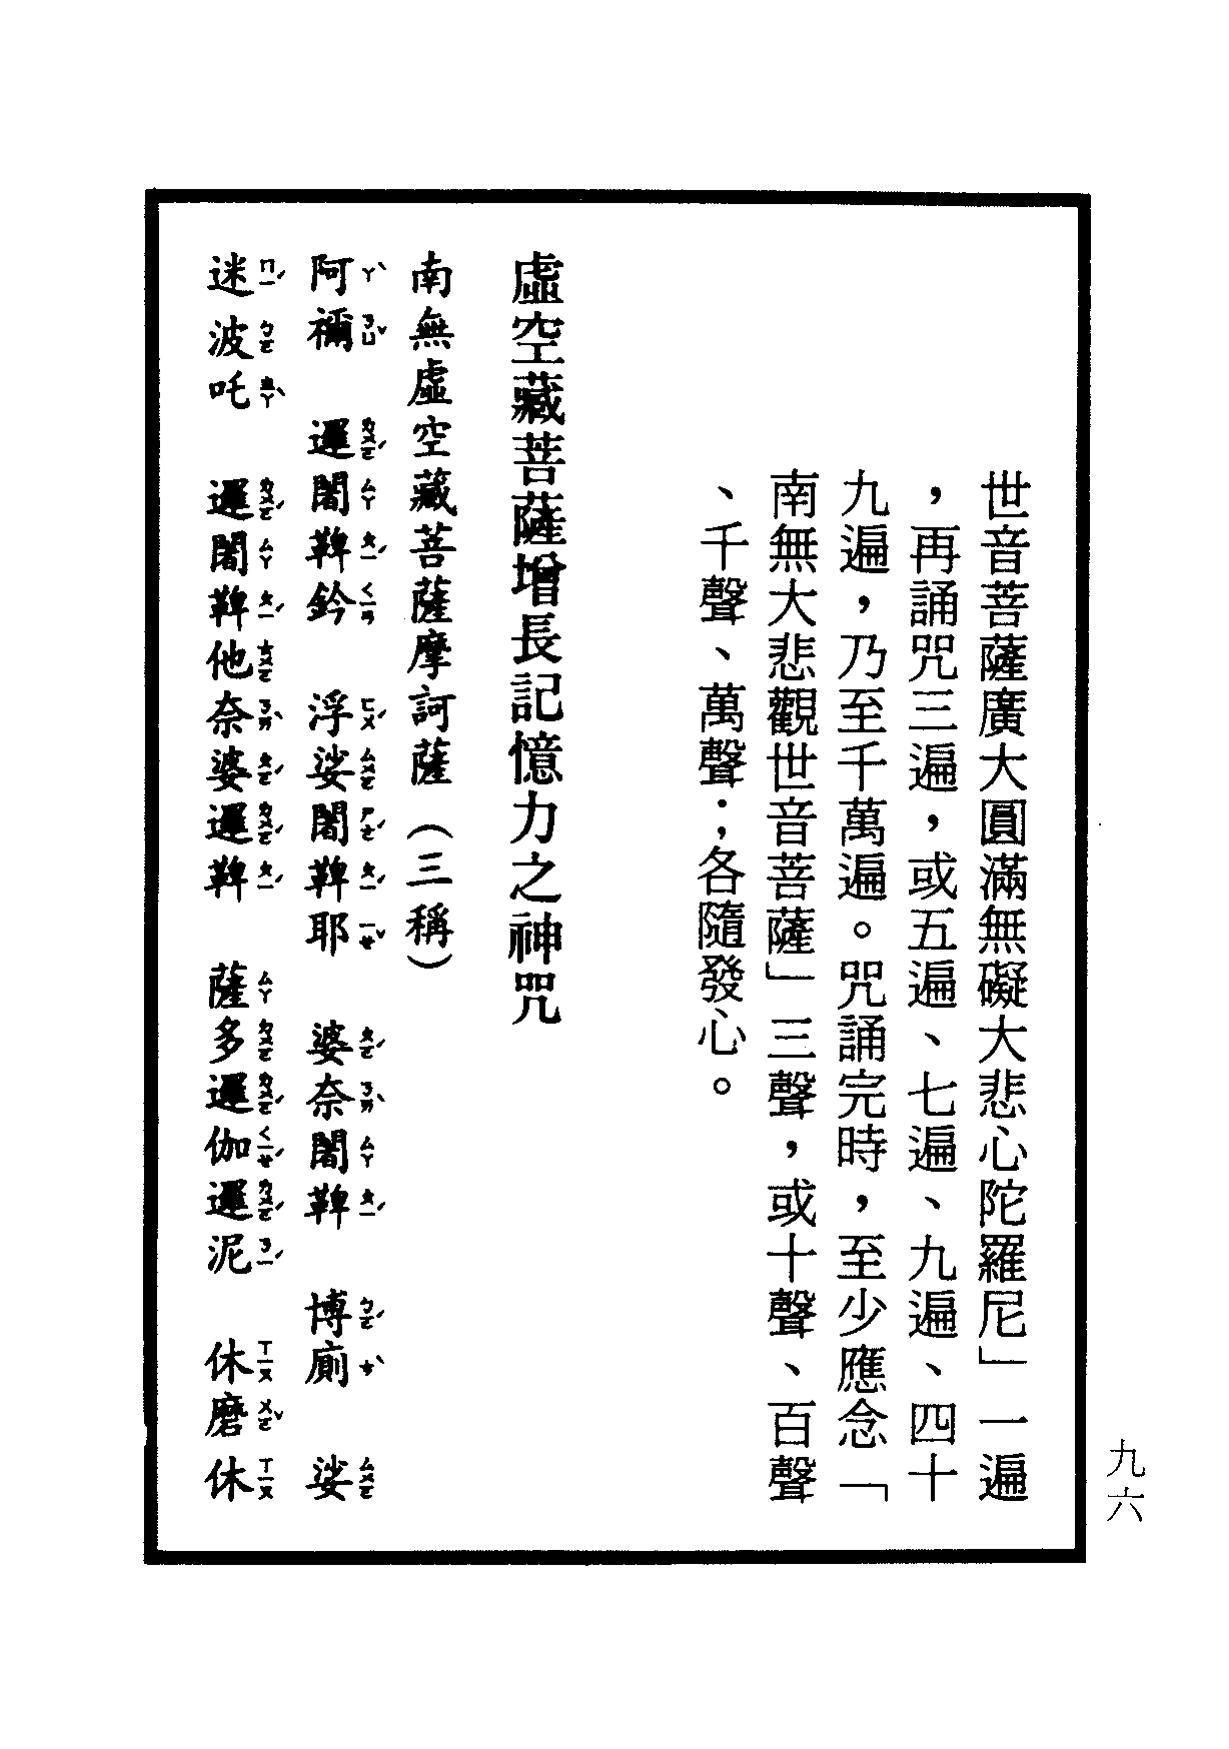 楞嚴咒-大悲咒-十小咒-易背本 102.png